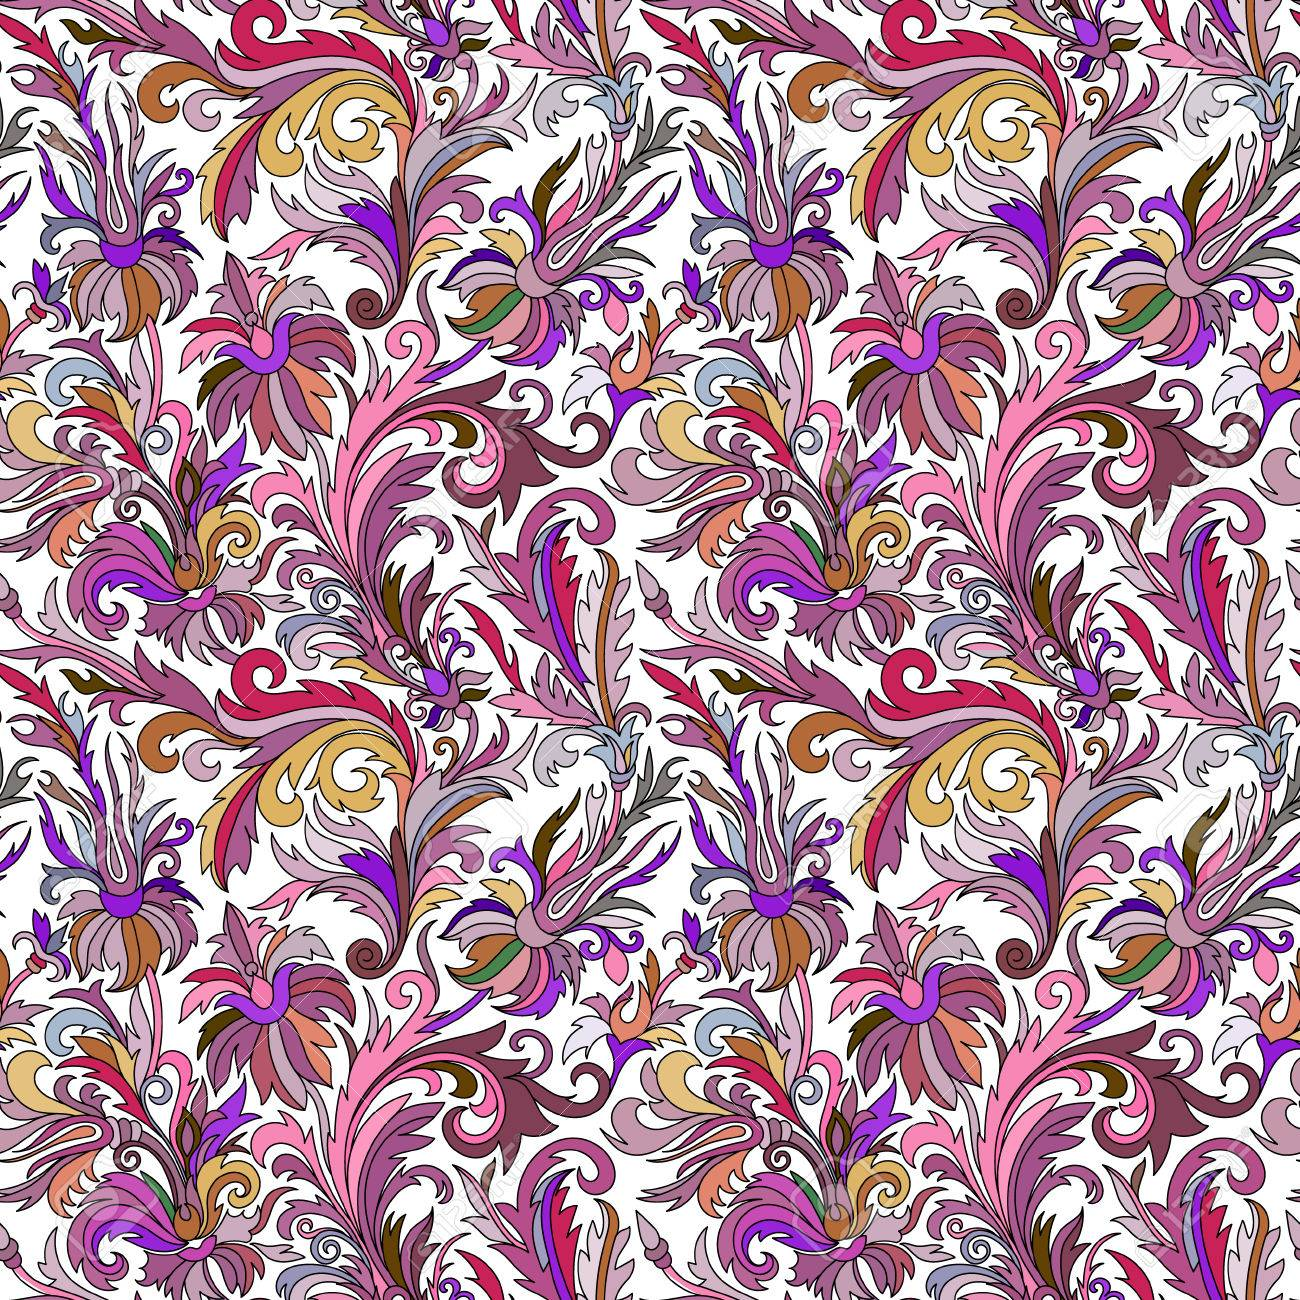 Doodle Bunte Pastell Blumen Hand Nahtlose Muster Zeichnen Vektor